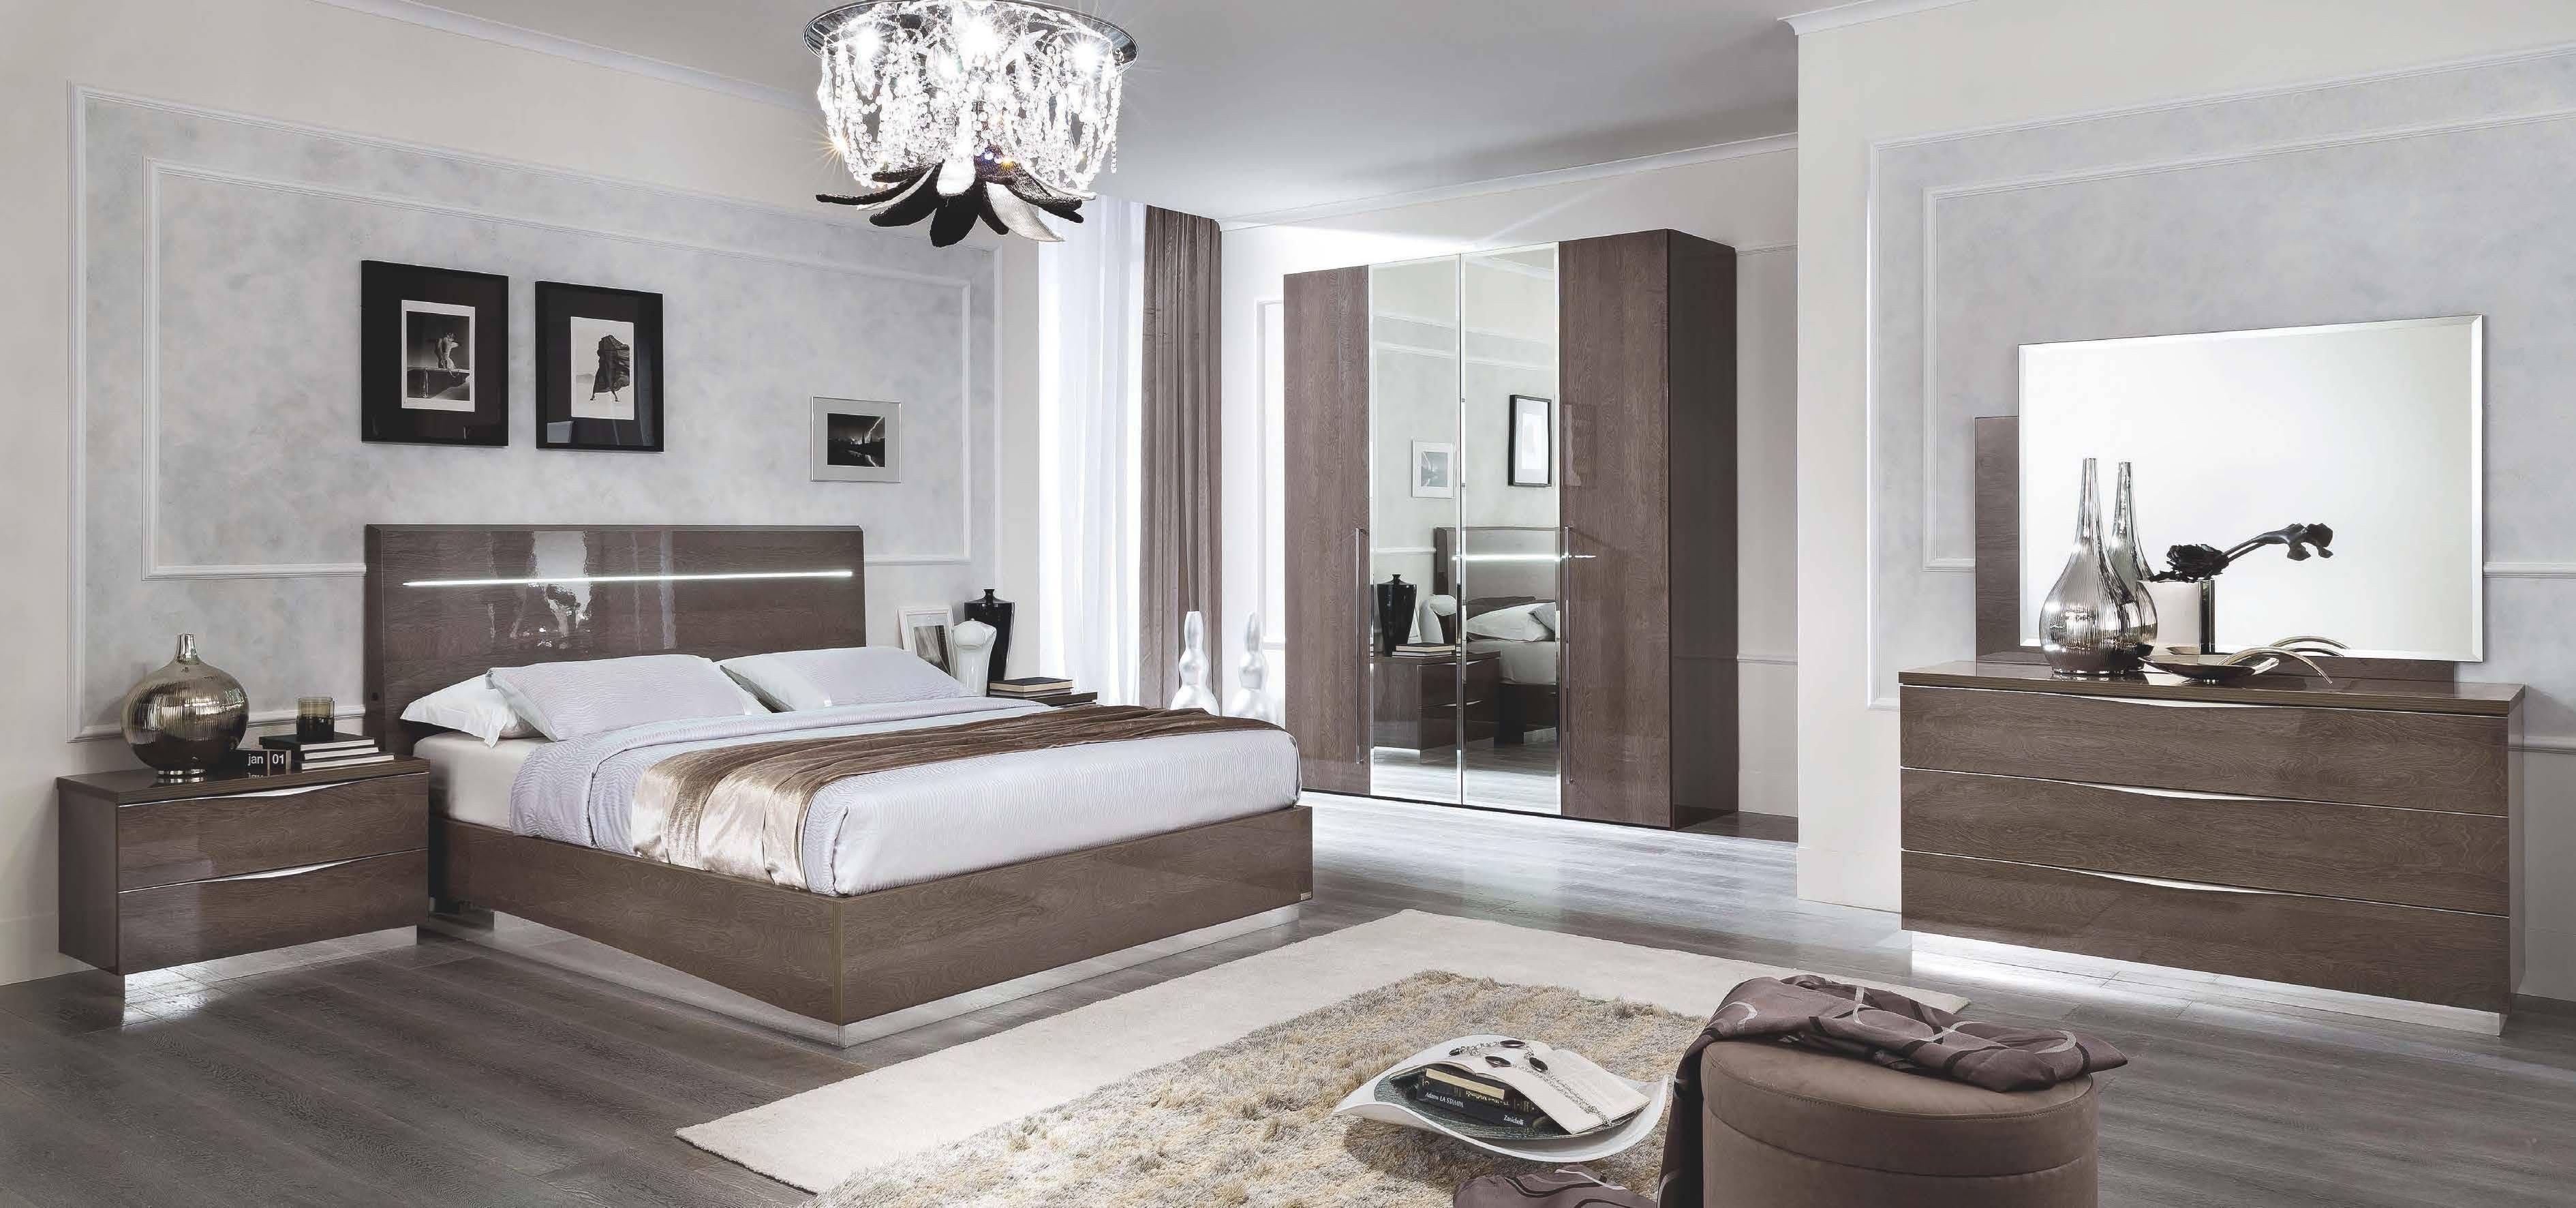 White Gloss Bedroom Furniture Unique 30 Brilliant Of Bedroom Furniture Master Bedroom